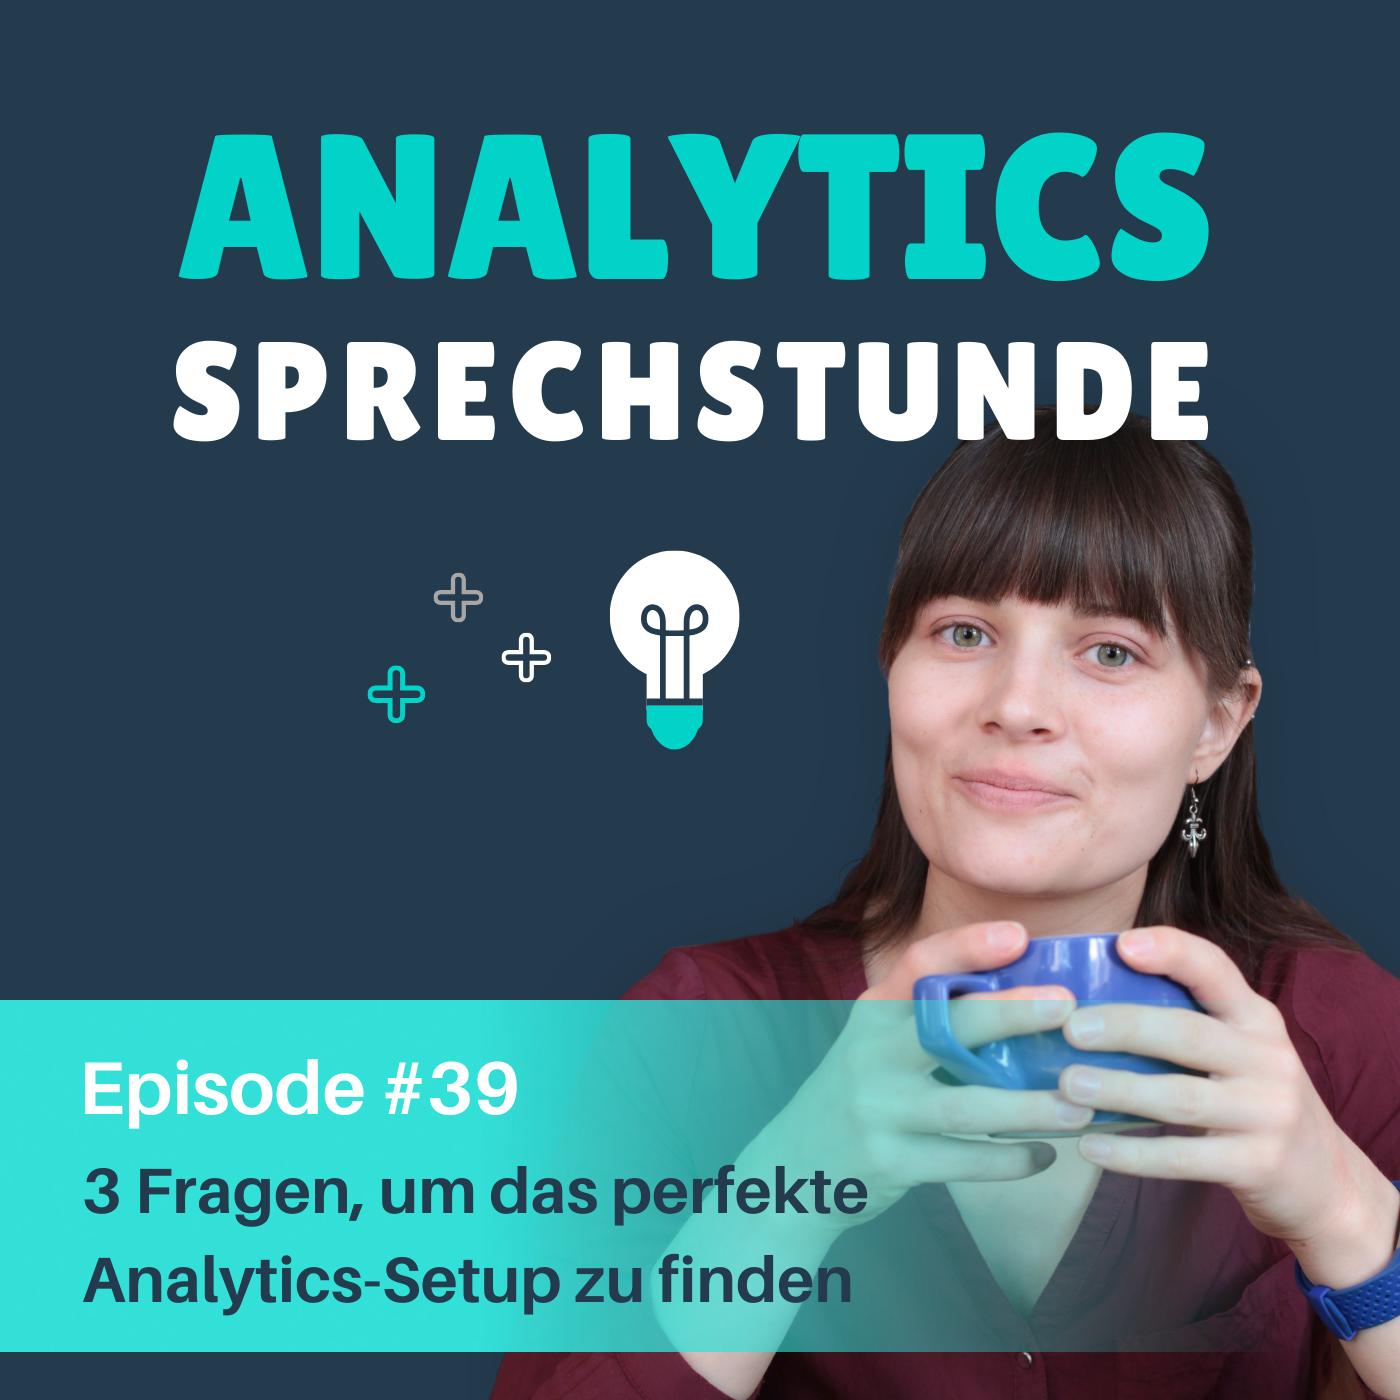 39 Diese 3 Fragen stelle ich, um das perfekte Analytics-Setup zu finden